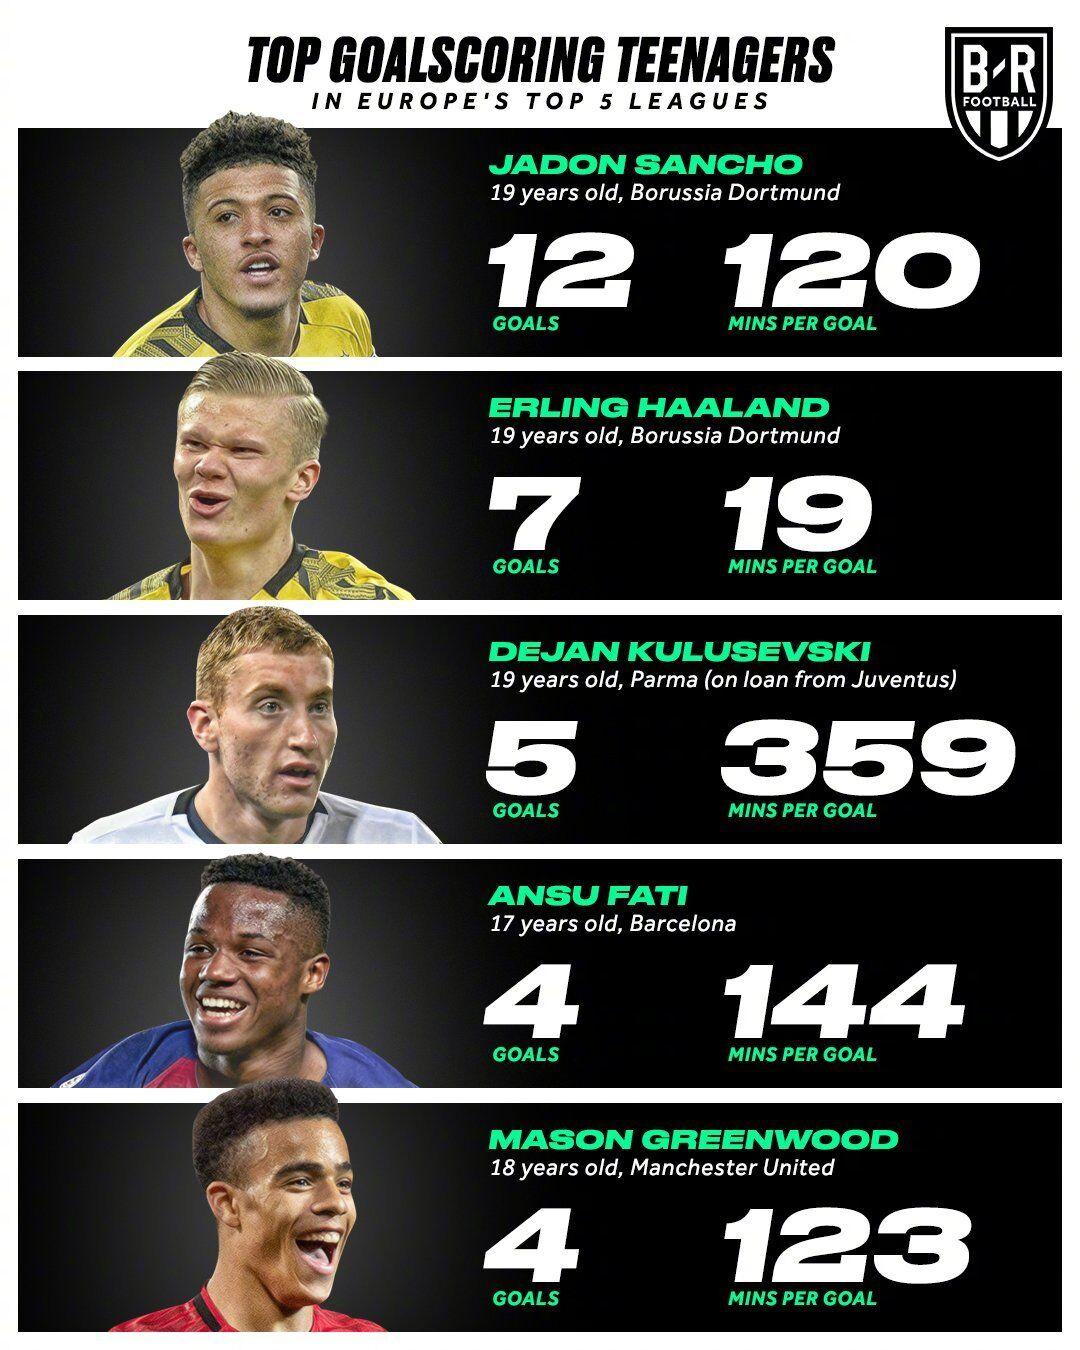 五大联赛年轻球员排走:桑乔进球最众,哈兰德效果最高